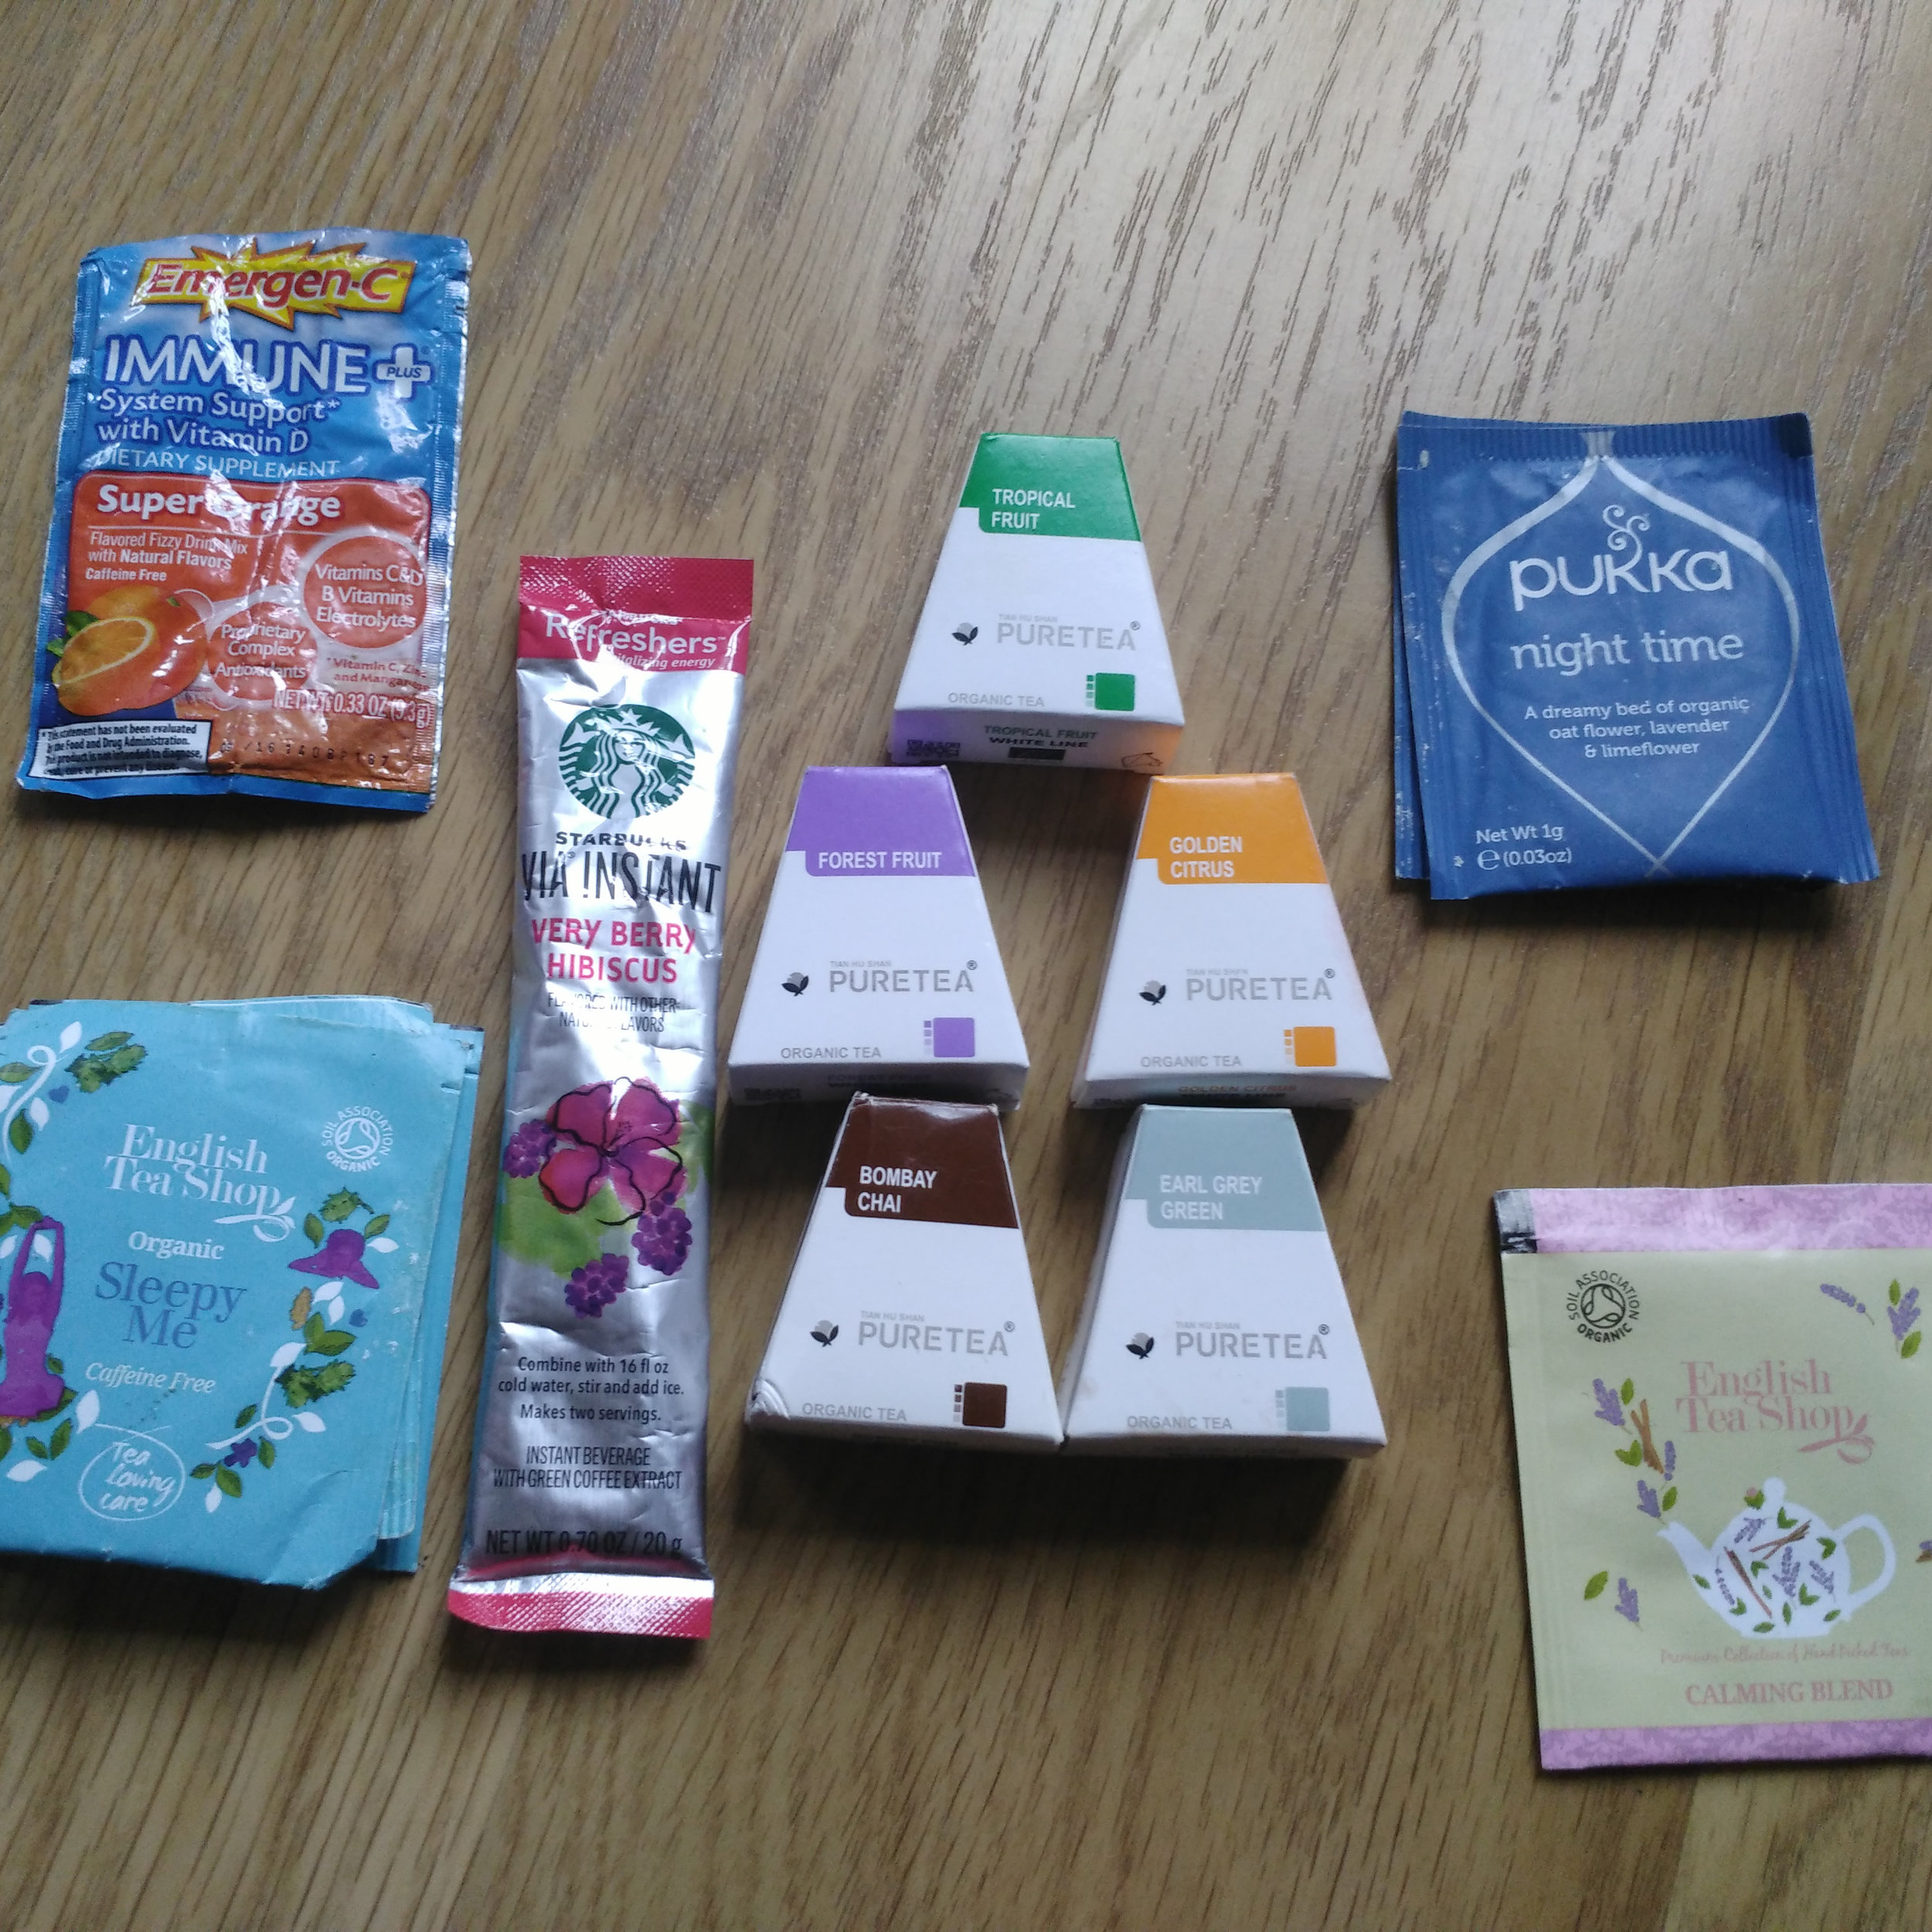 gluten free, Asia, Japan, travel, traveling gluten free, traveling asia gluten free, dairy free, expat, work travel, healthy, diet, tea, travel tea